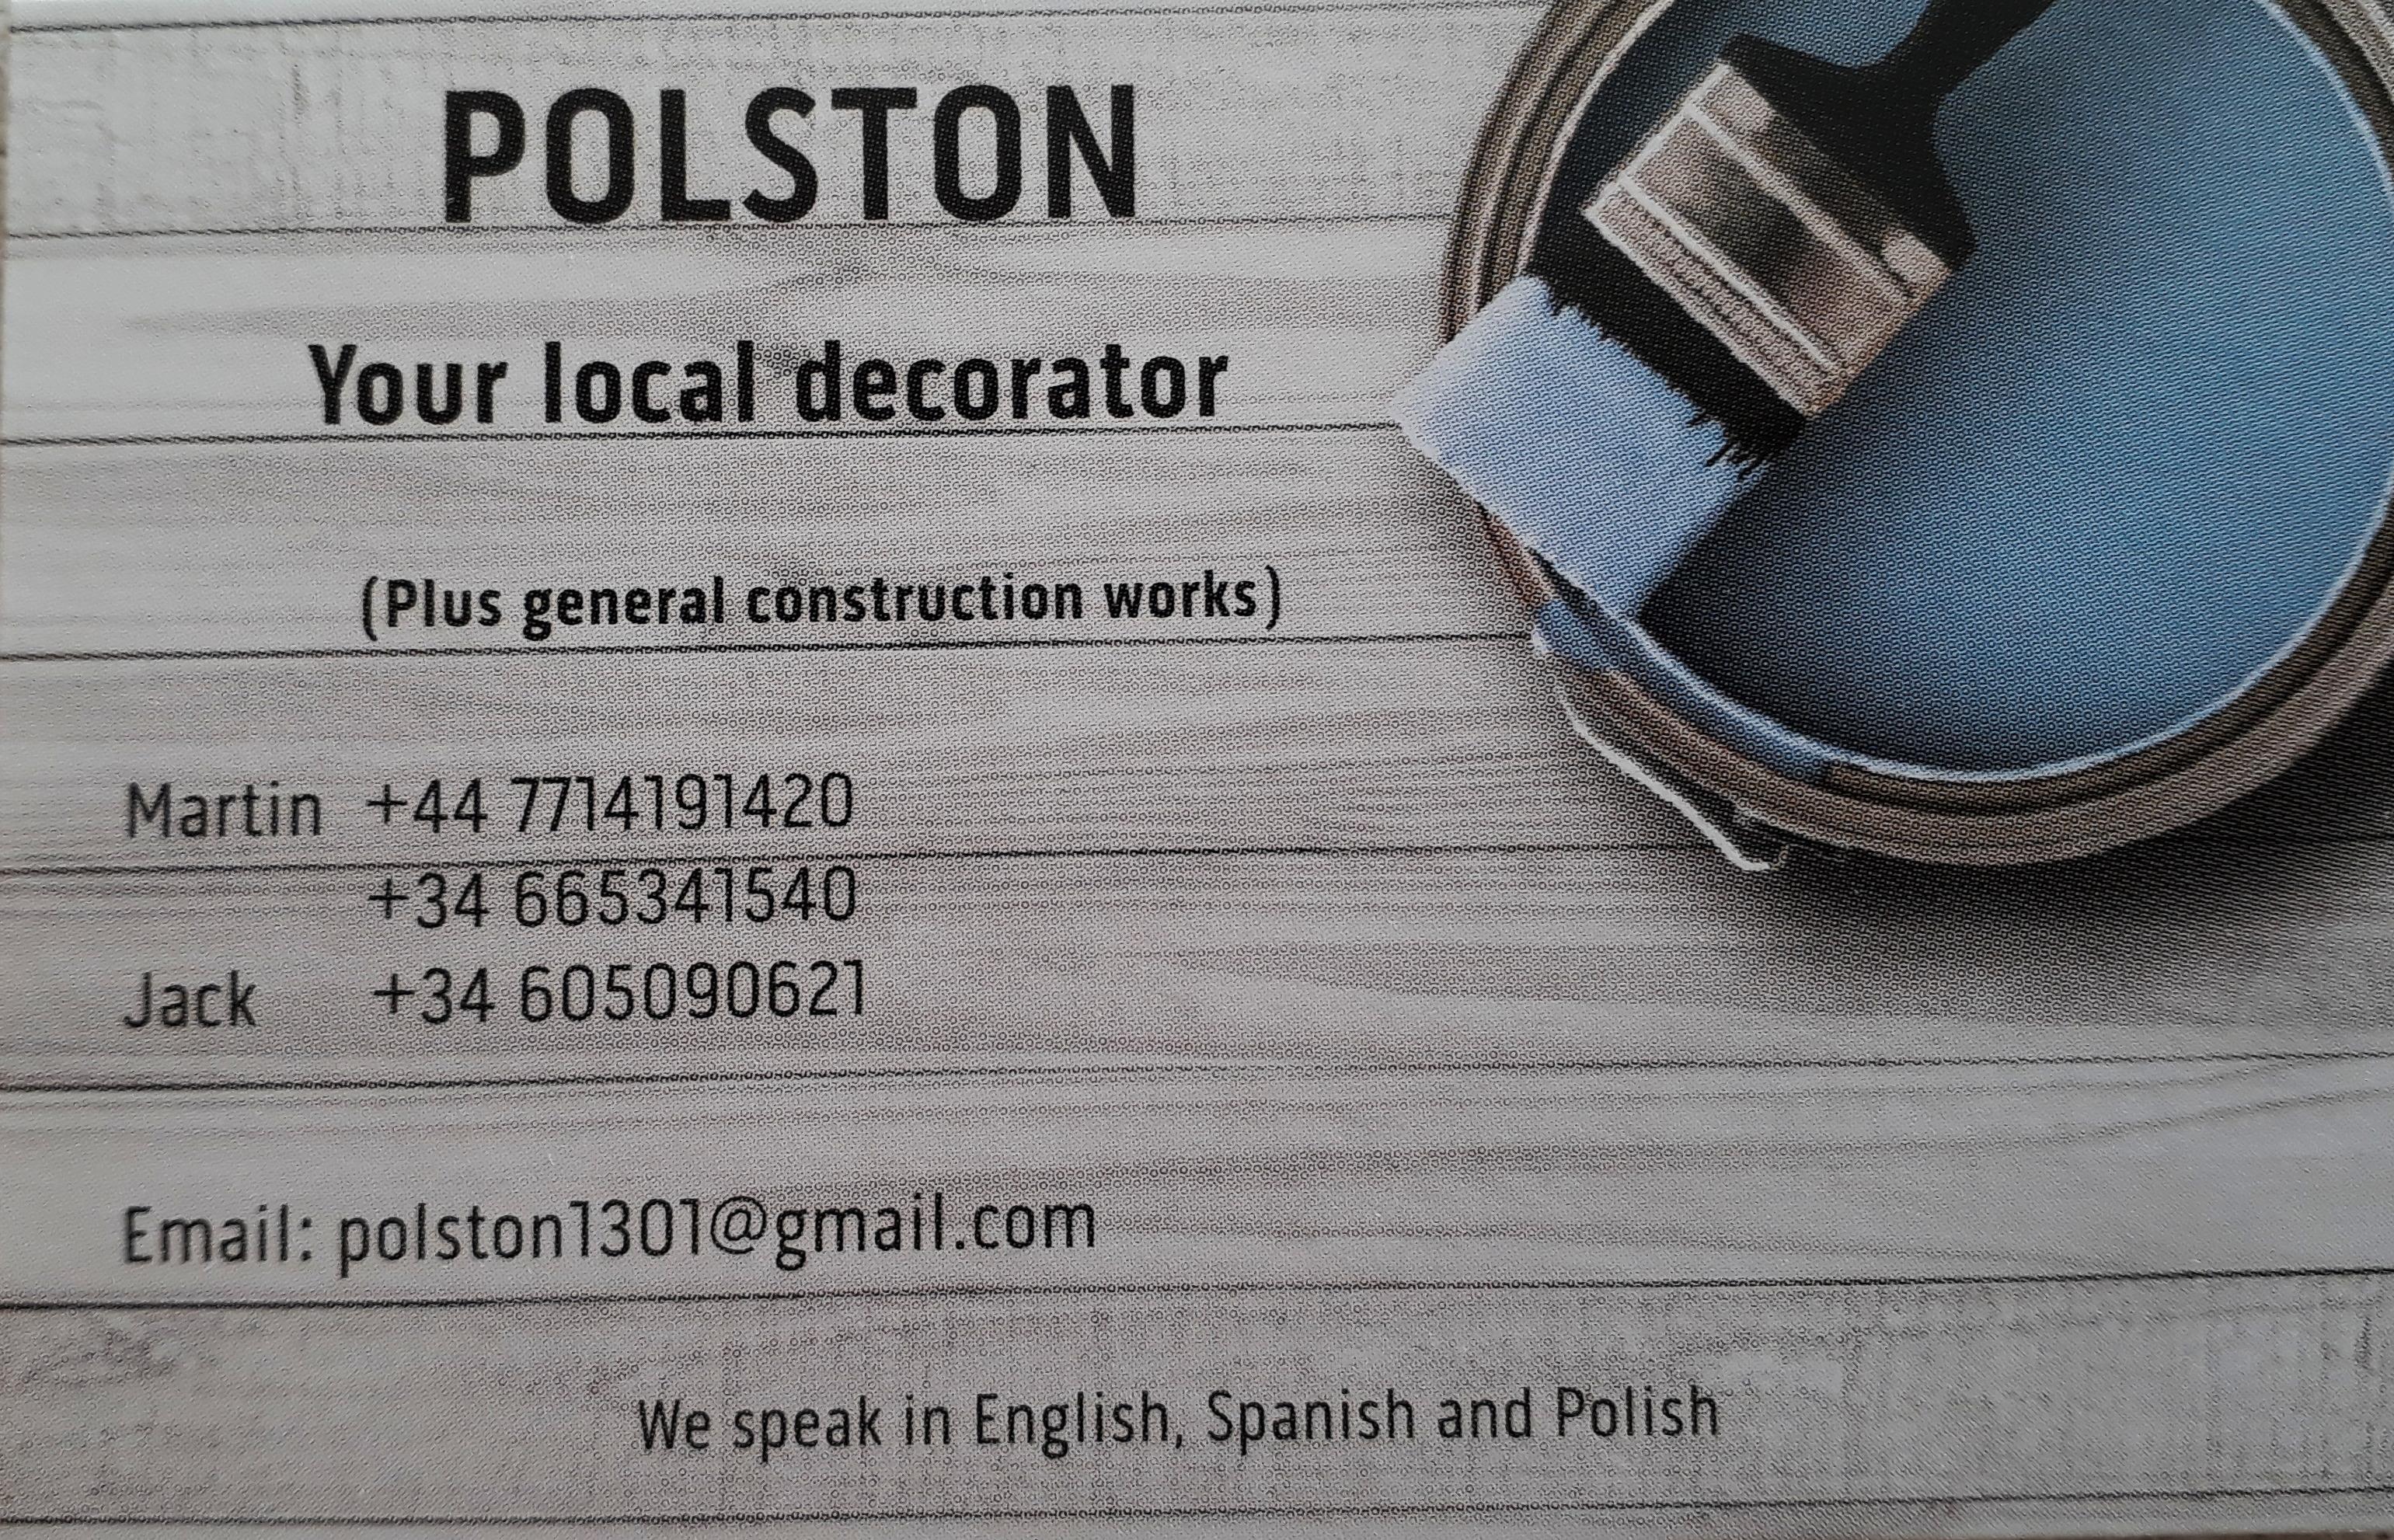 Polston